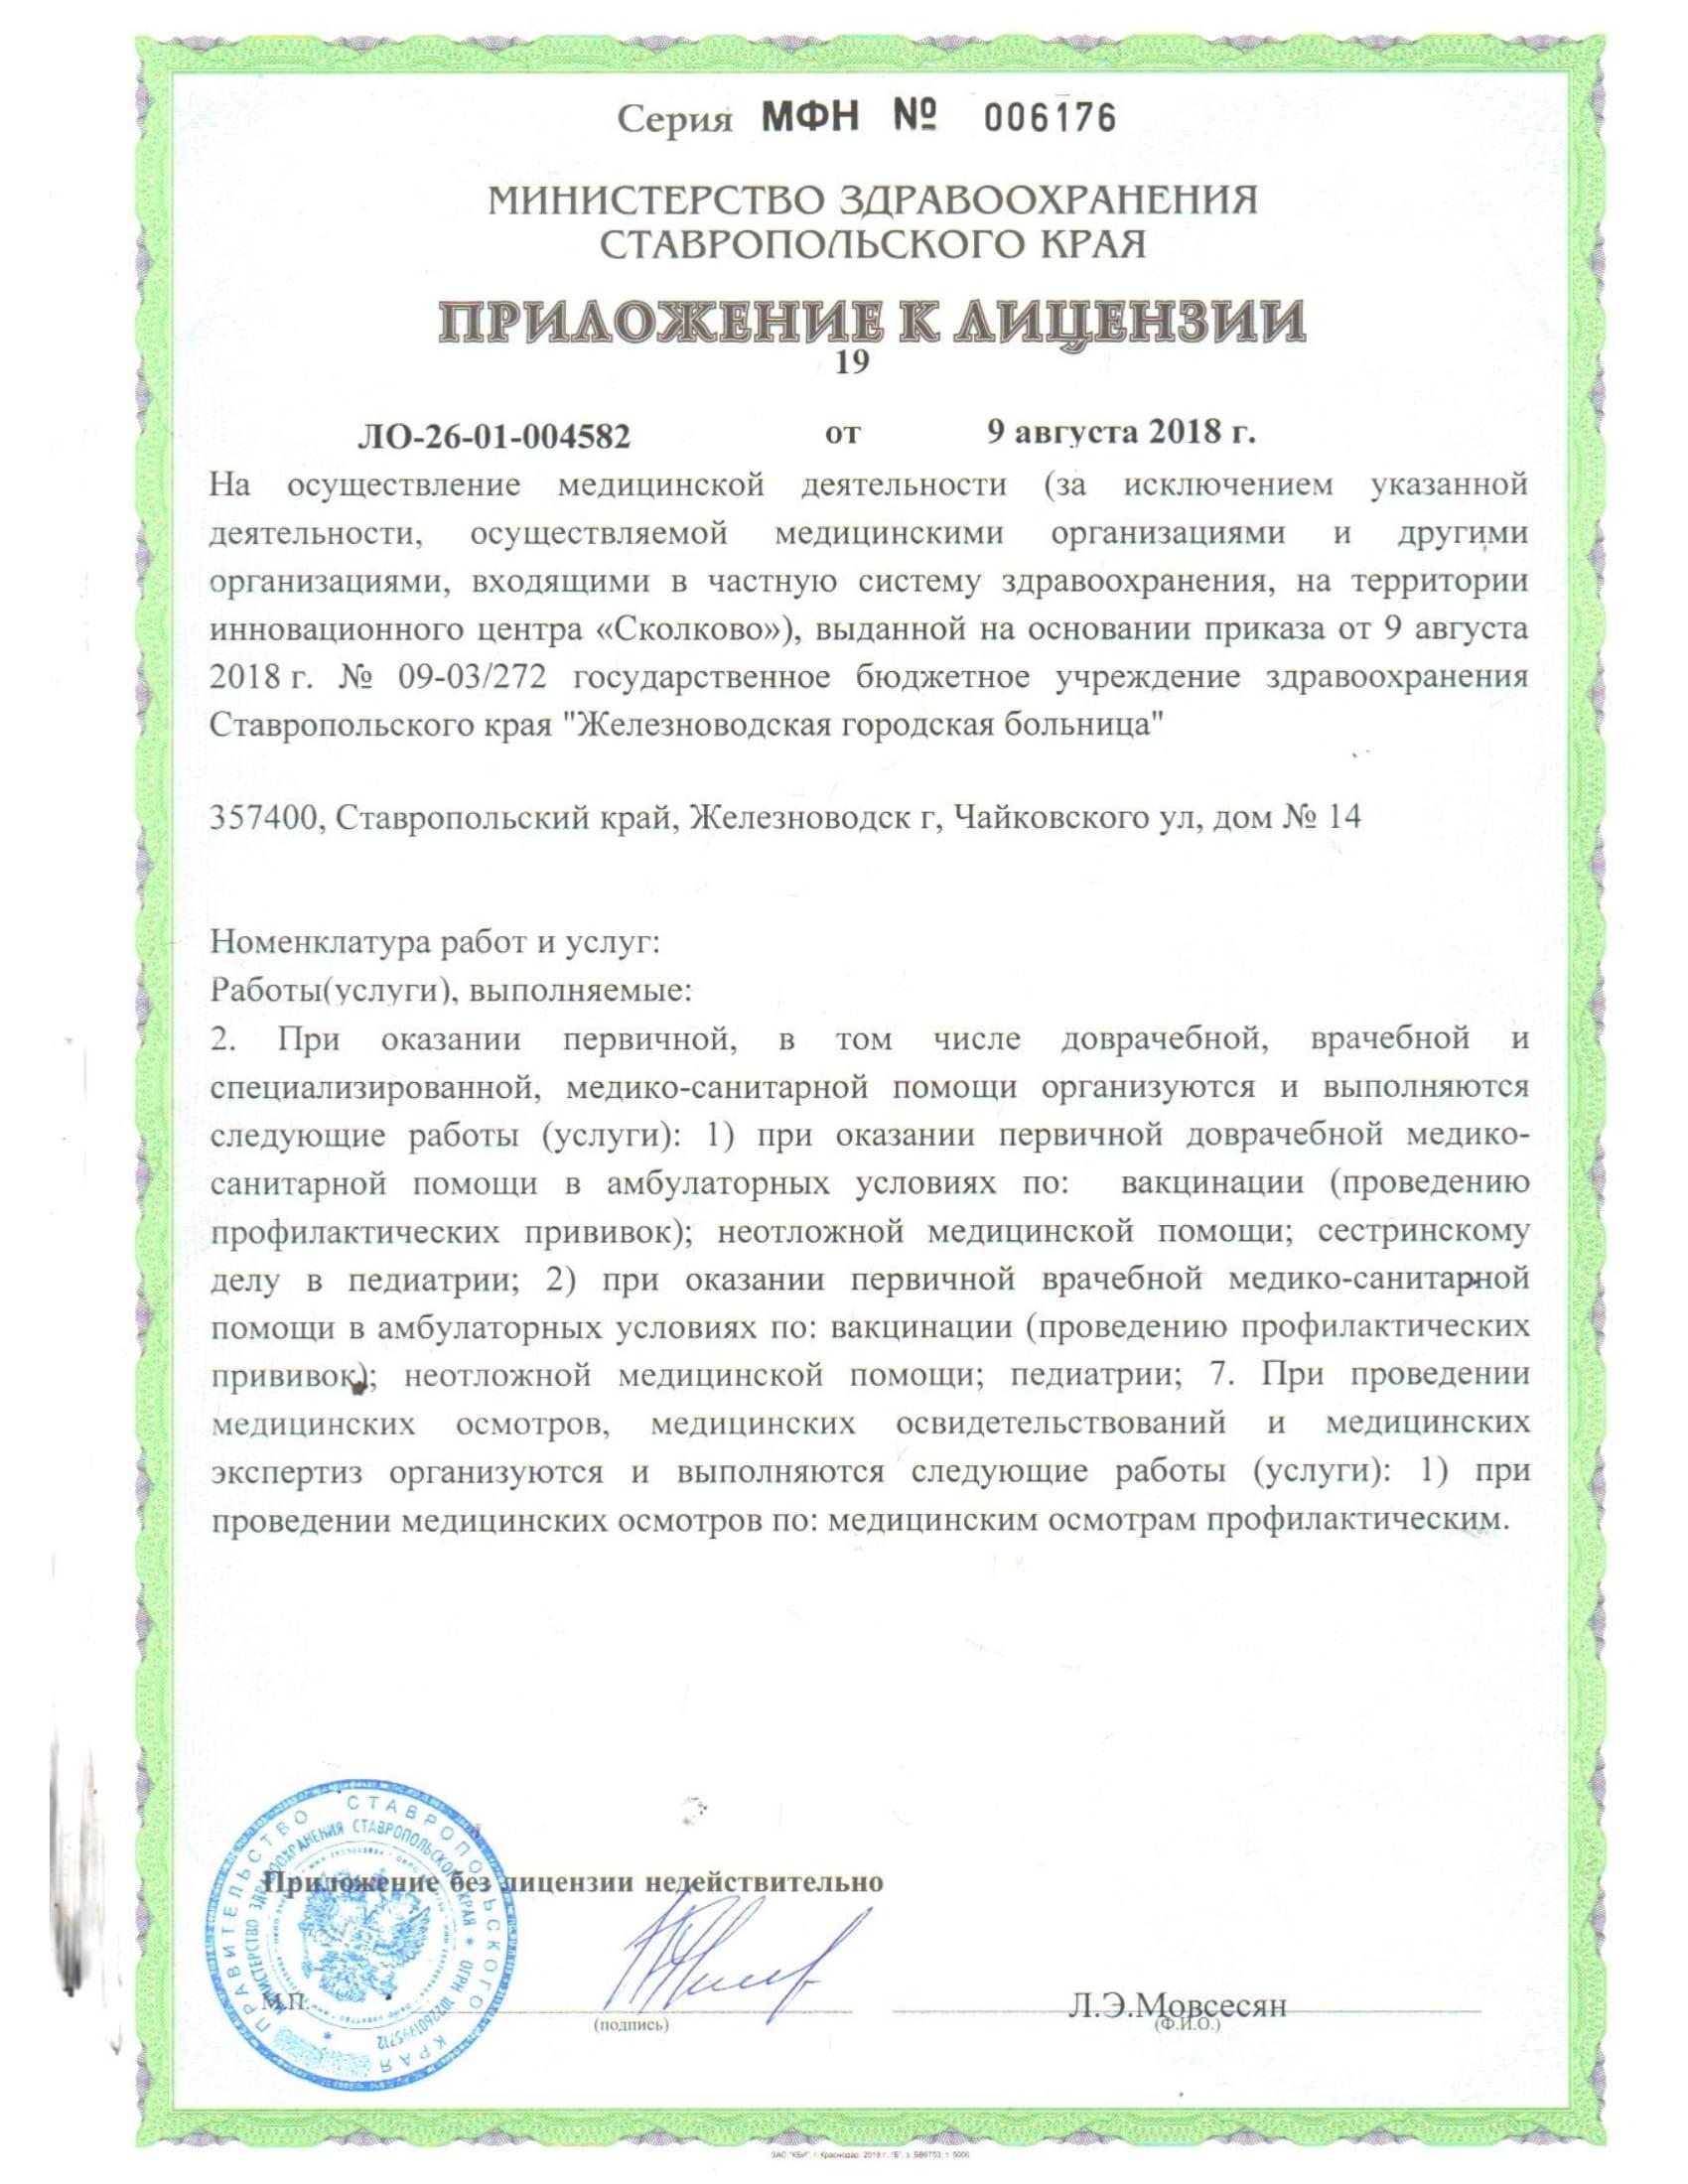 лицензия 2018 от 09.08.2018-26